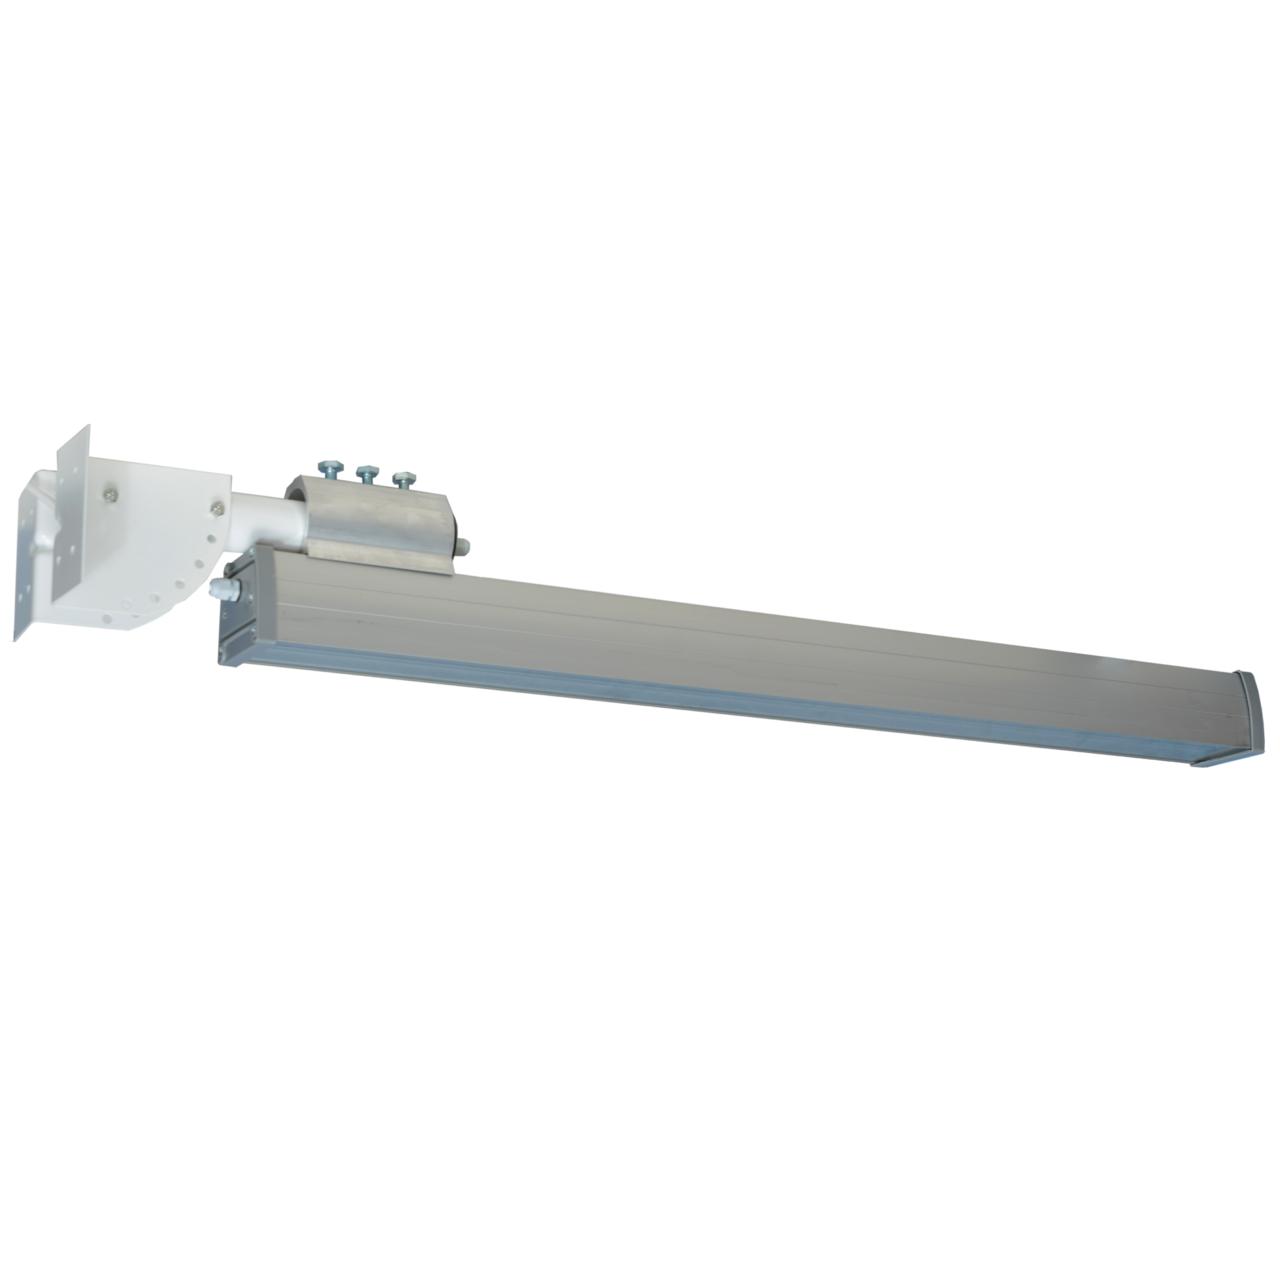 Уличный светодиодный светильник SKE PLO 110 Вт cons